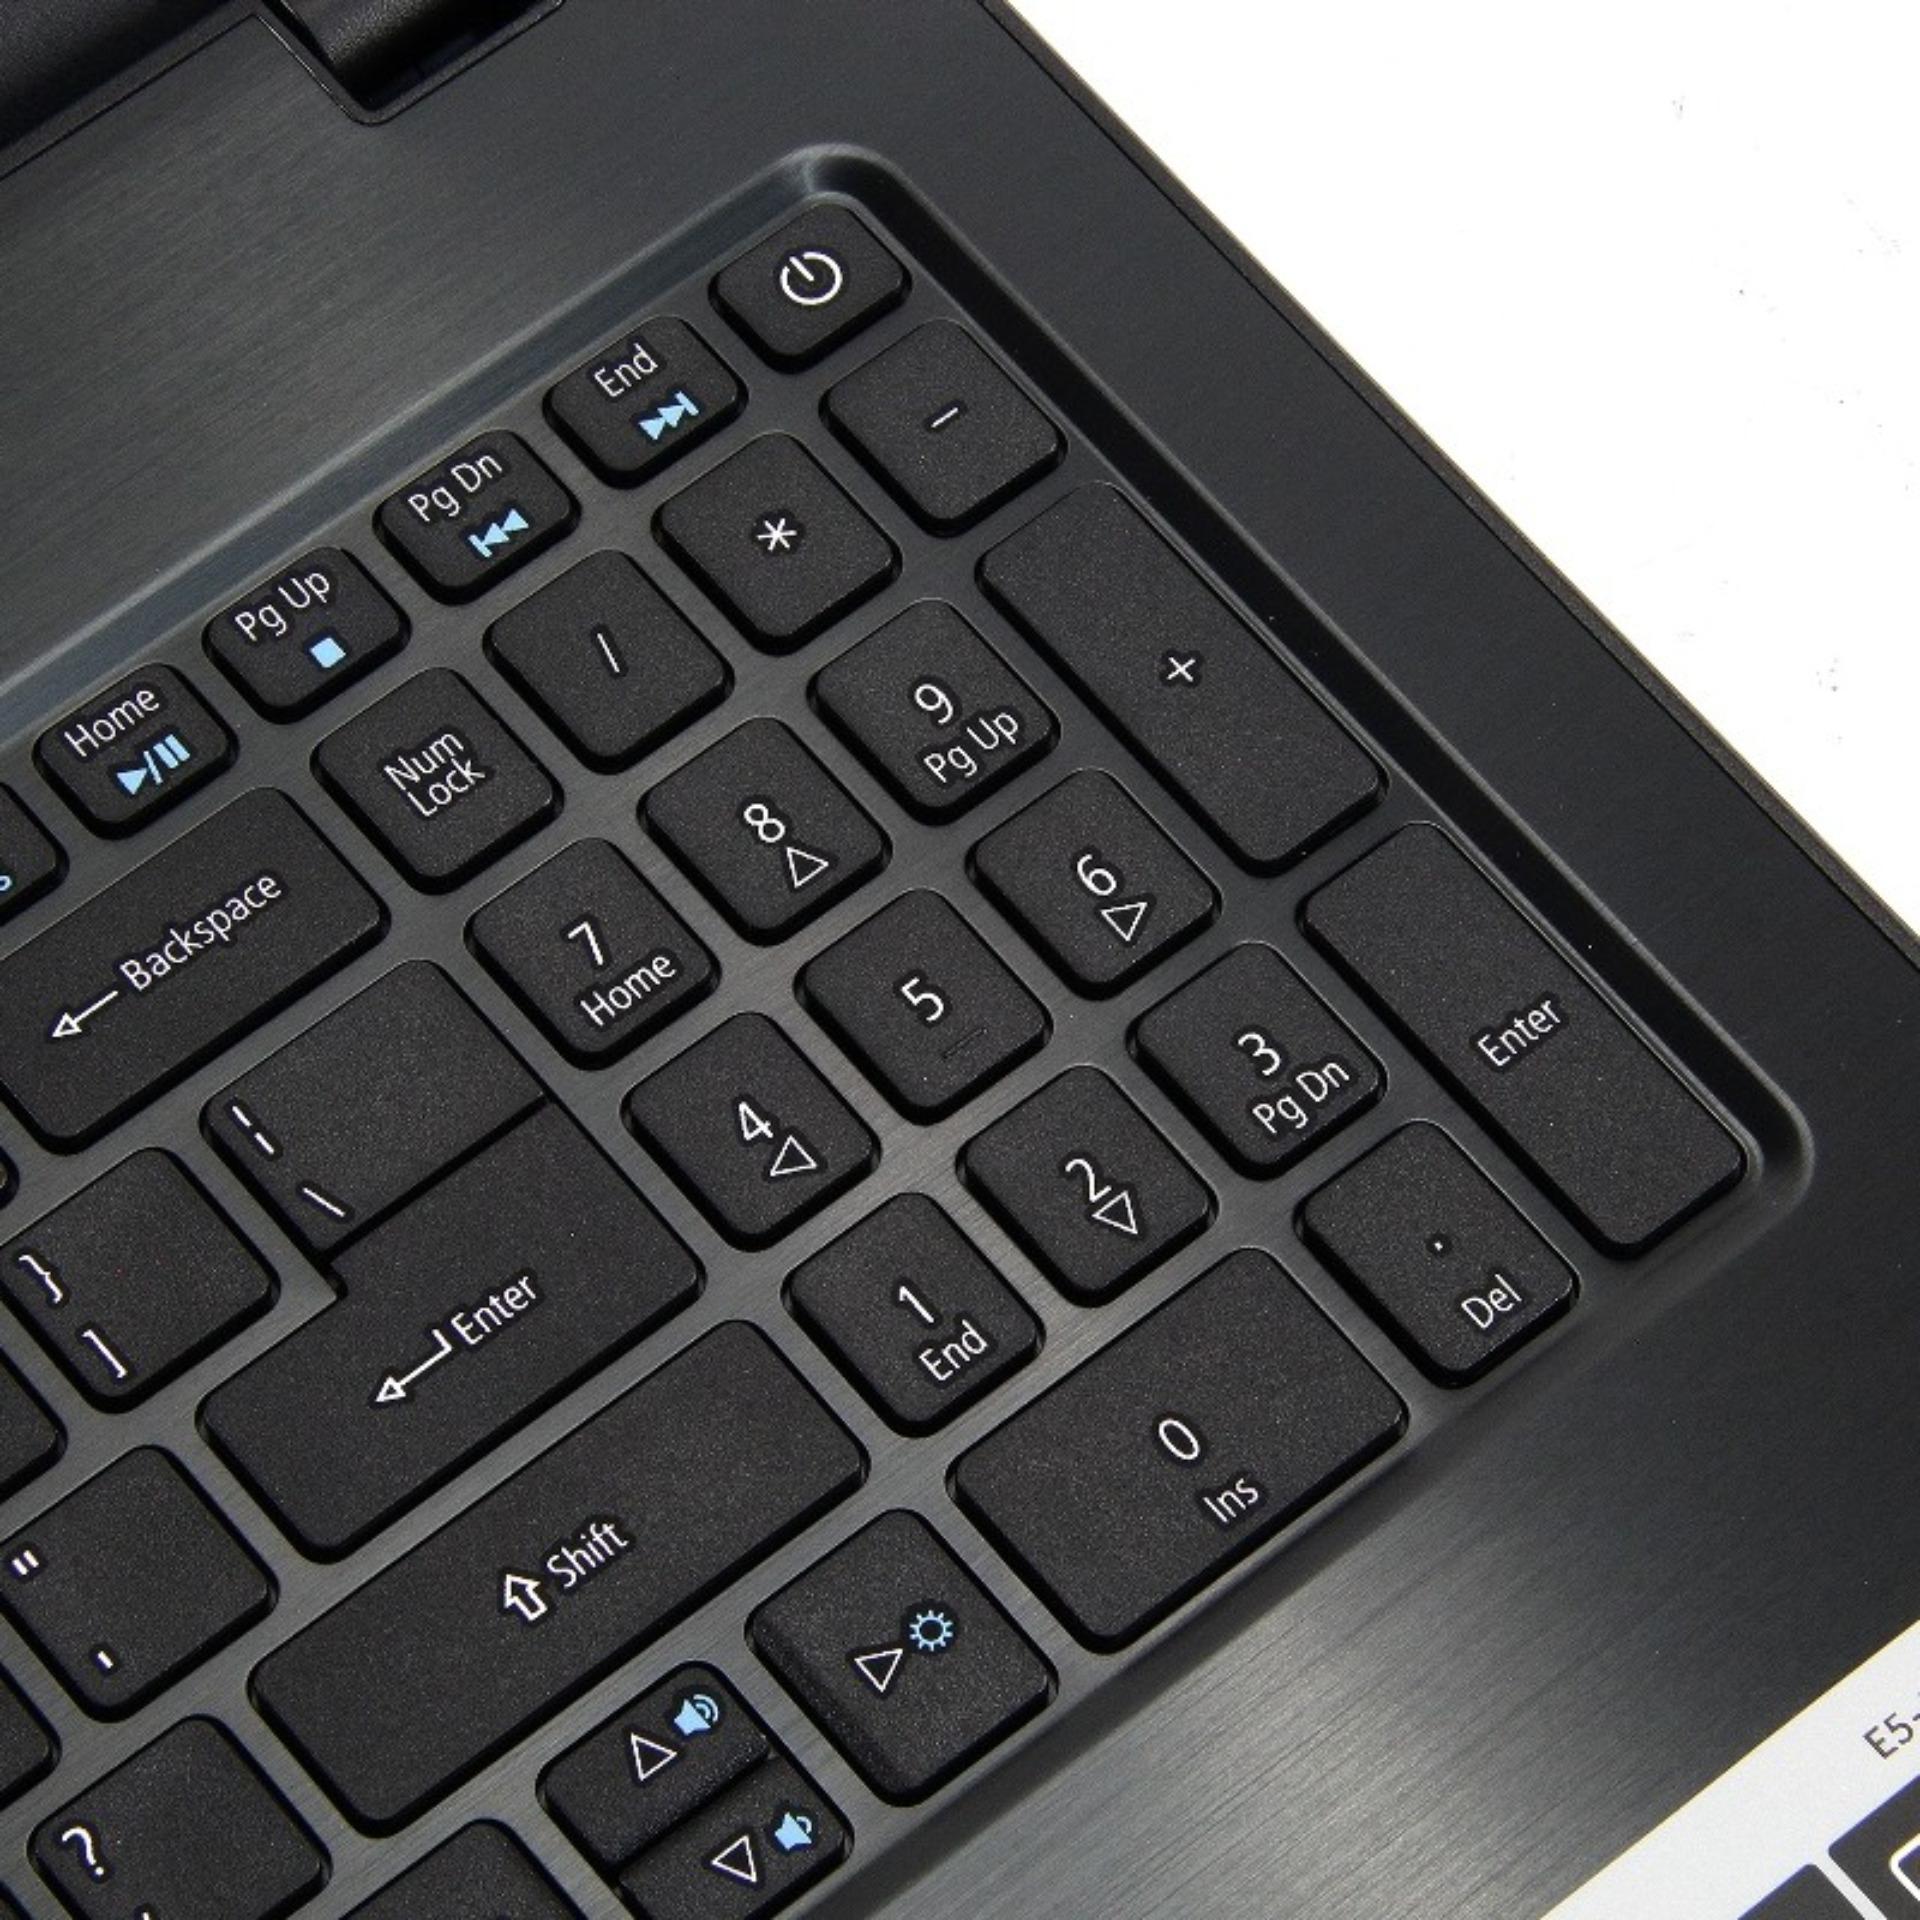 Acer Aspire E5 523g 96nnbk Amd A9 9410 4gb 500gb Windows 10 Vga Lenovo Ideapad 110 A8 7410 Ram 1tb Hdd Radeon R5 M430 2gb 156 Inch Hd Dos Black Source